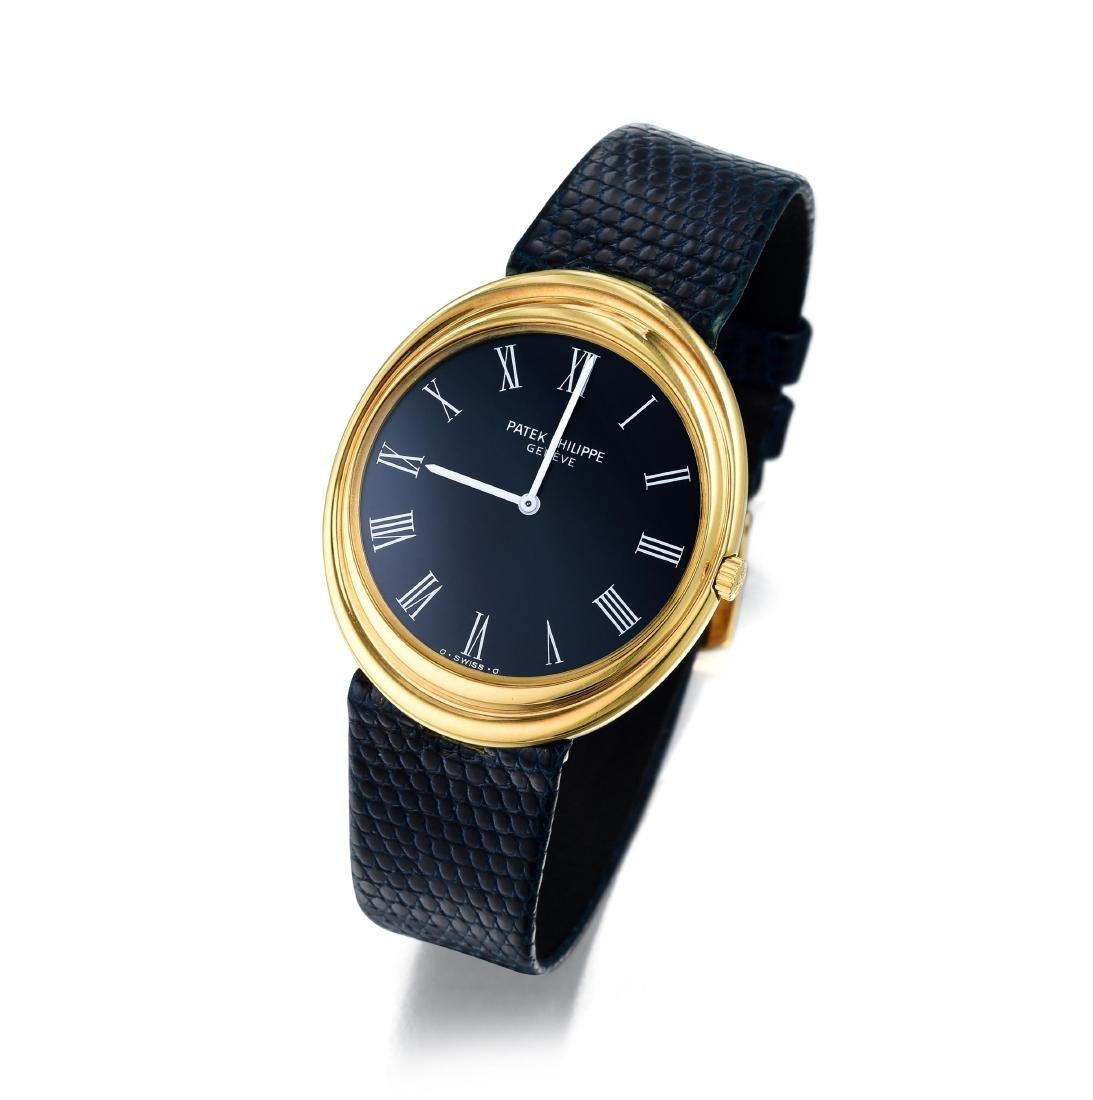 Patek Philippe Gold Watch ref. 3594